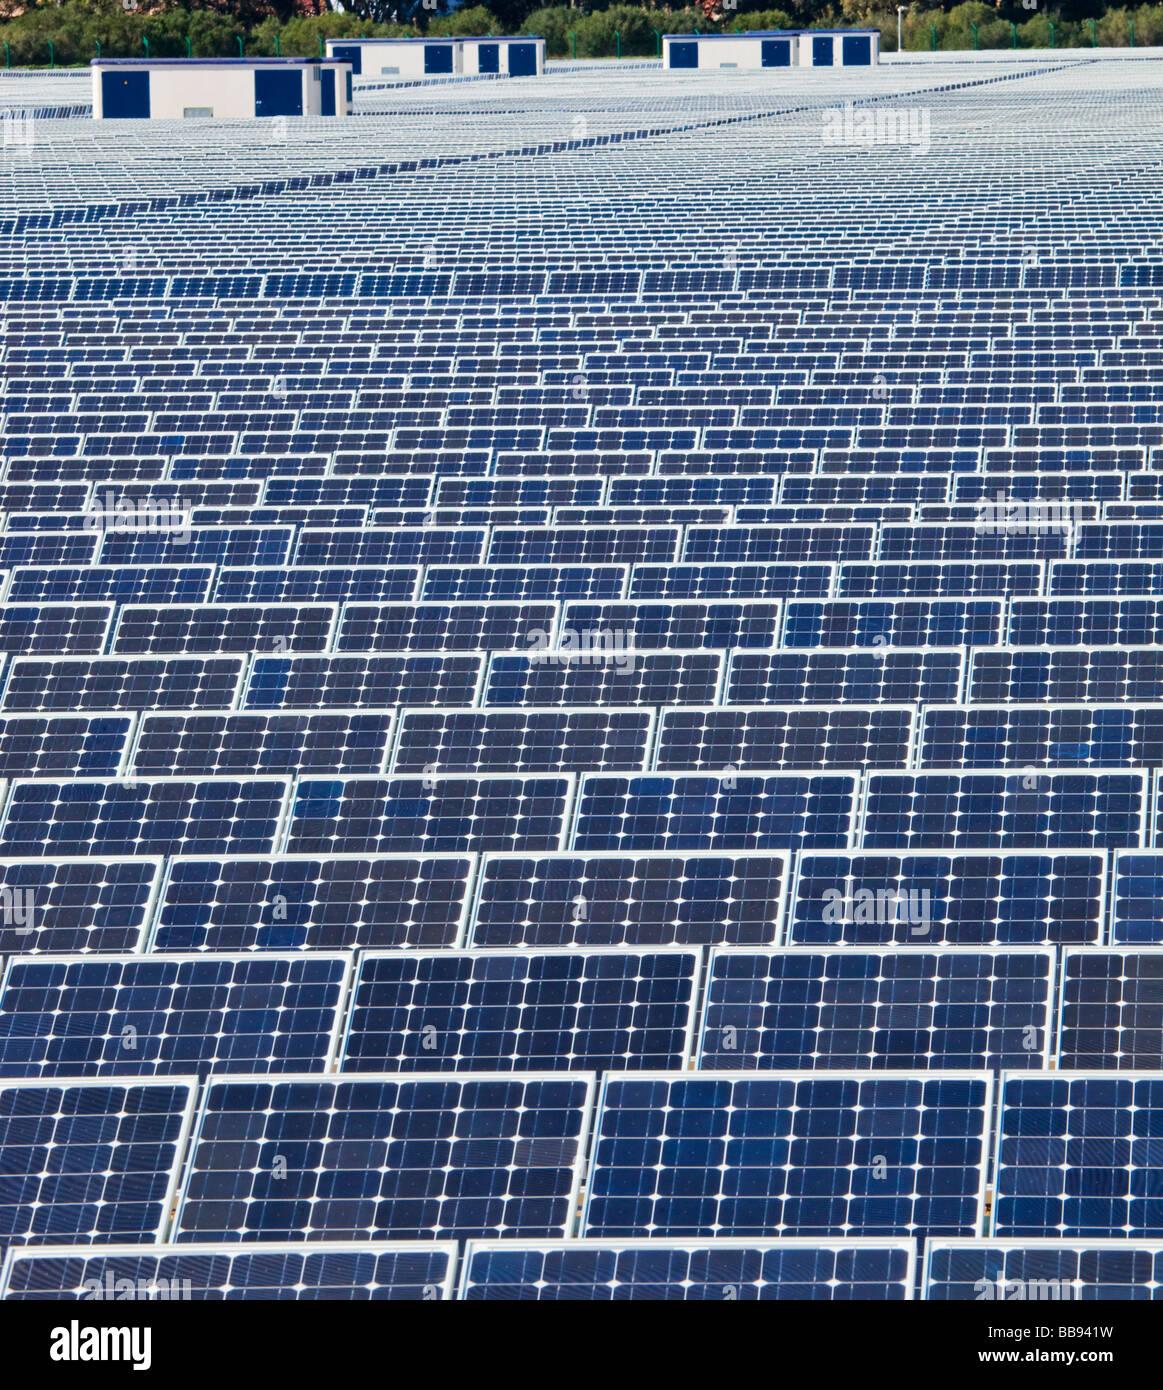 Energia solare centro vicino Guadarranque San Roque la provincia di Cadiz Cadice Spagna Immagini Stock